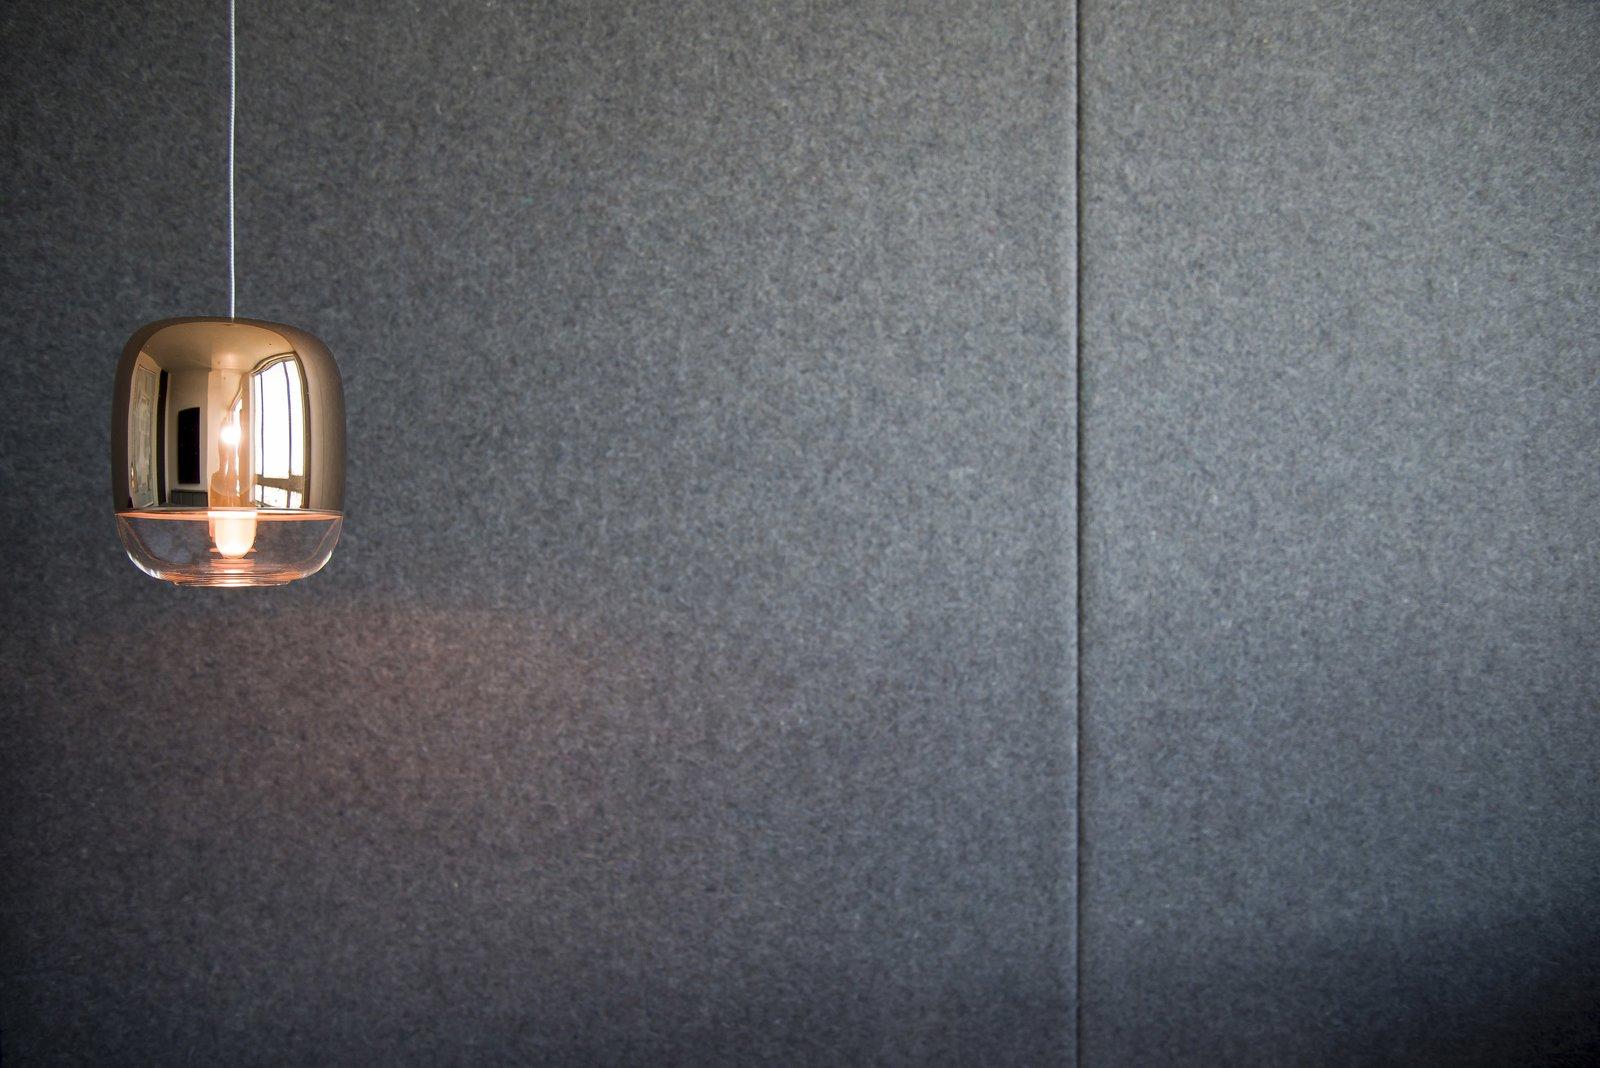 Master Bedroom - Felt Wall Detail